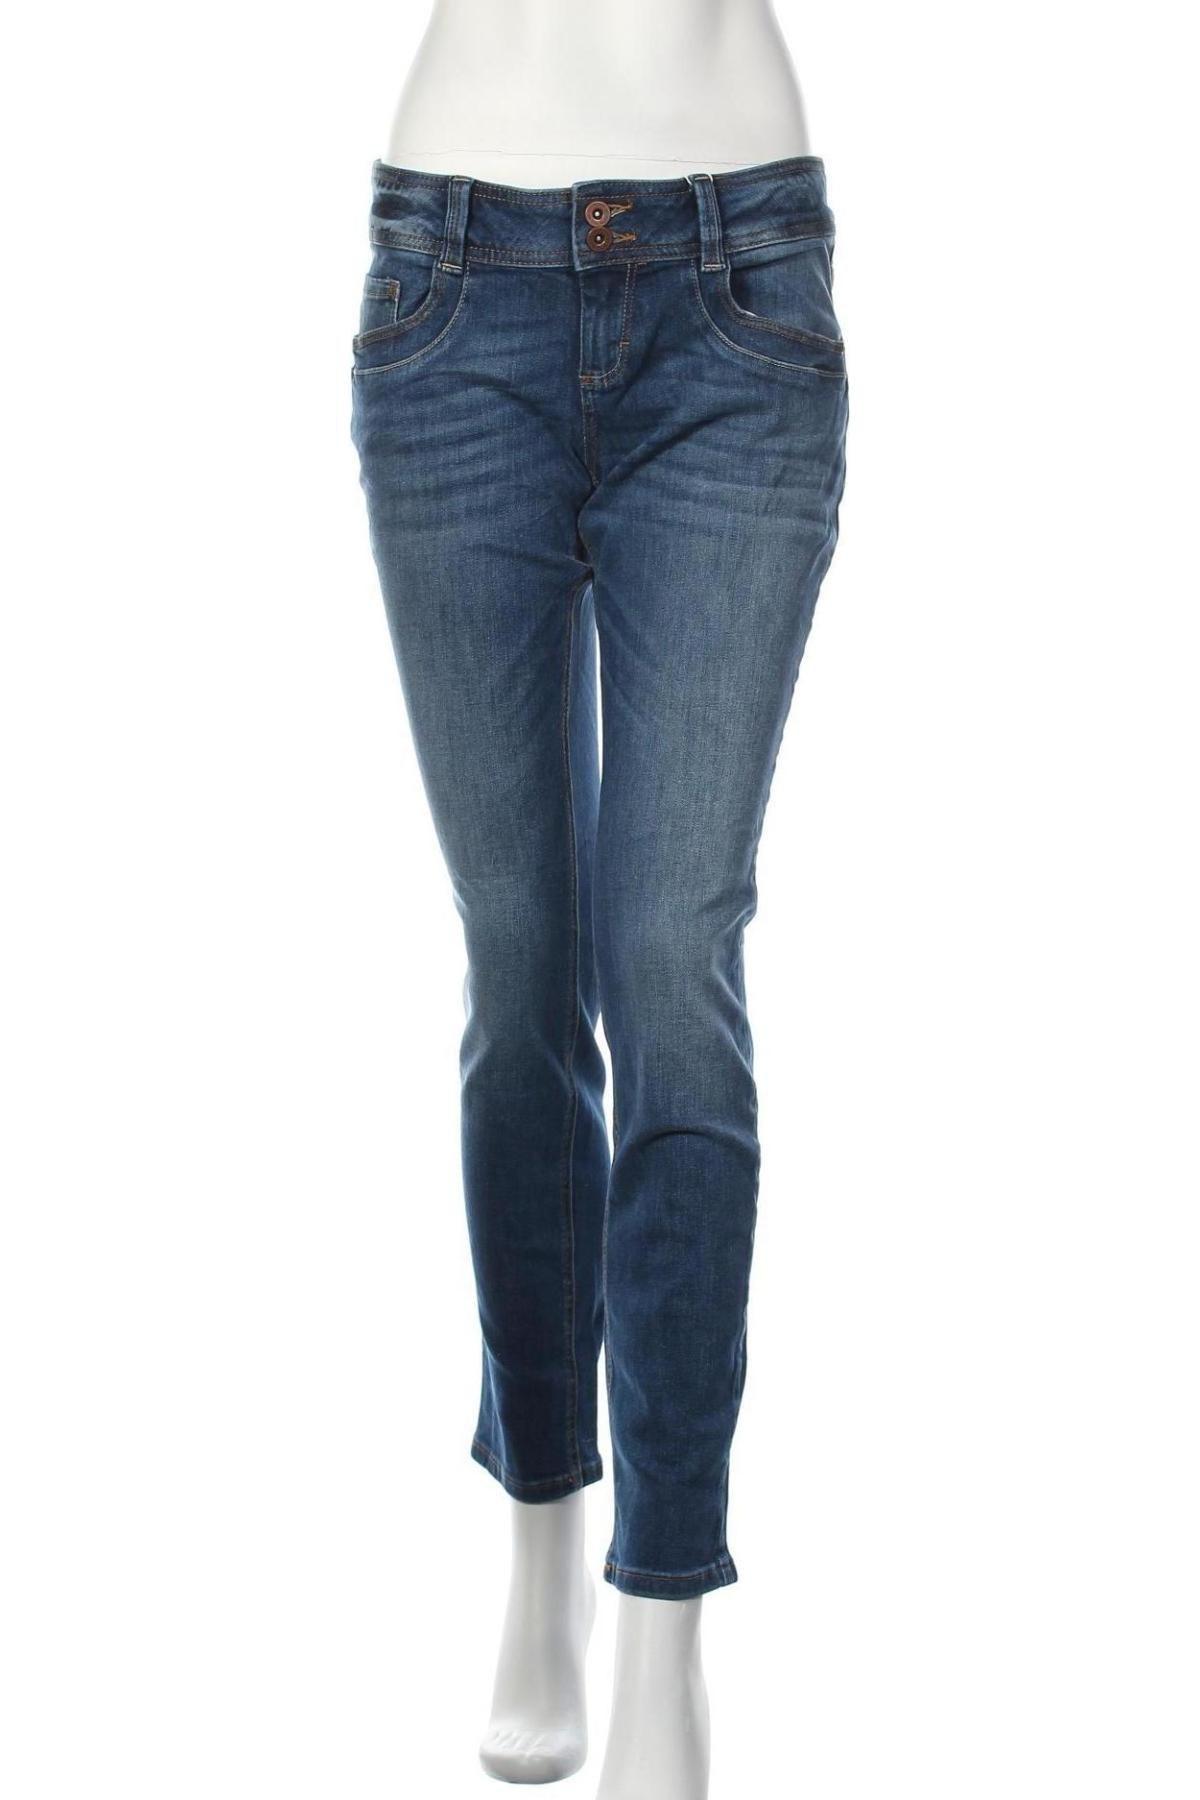 Дамски дънки Tom Tailor, Размер L, Цвят Син, 98% памук, 2% еластан, Цена 66,75лв.